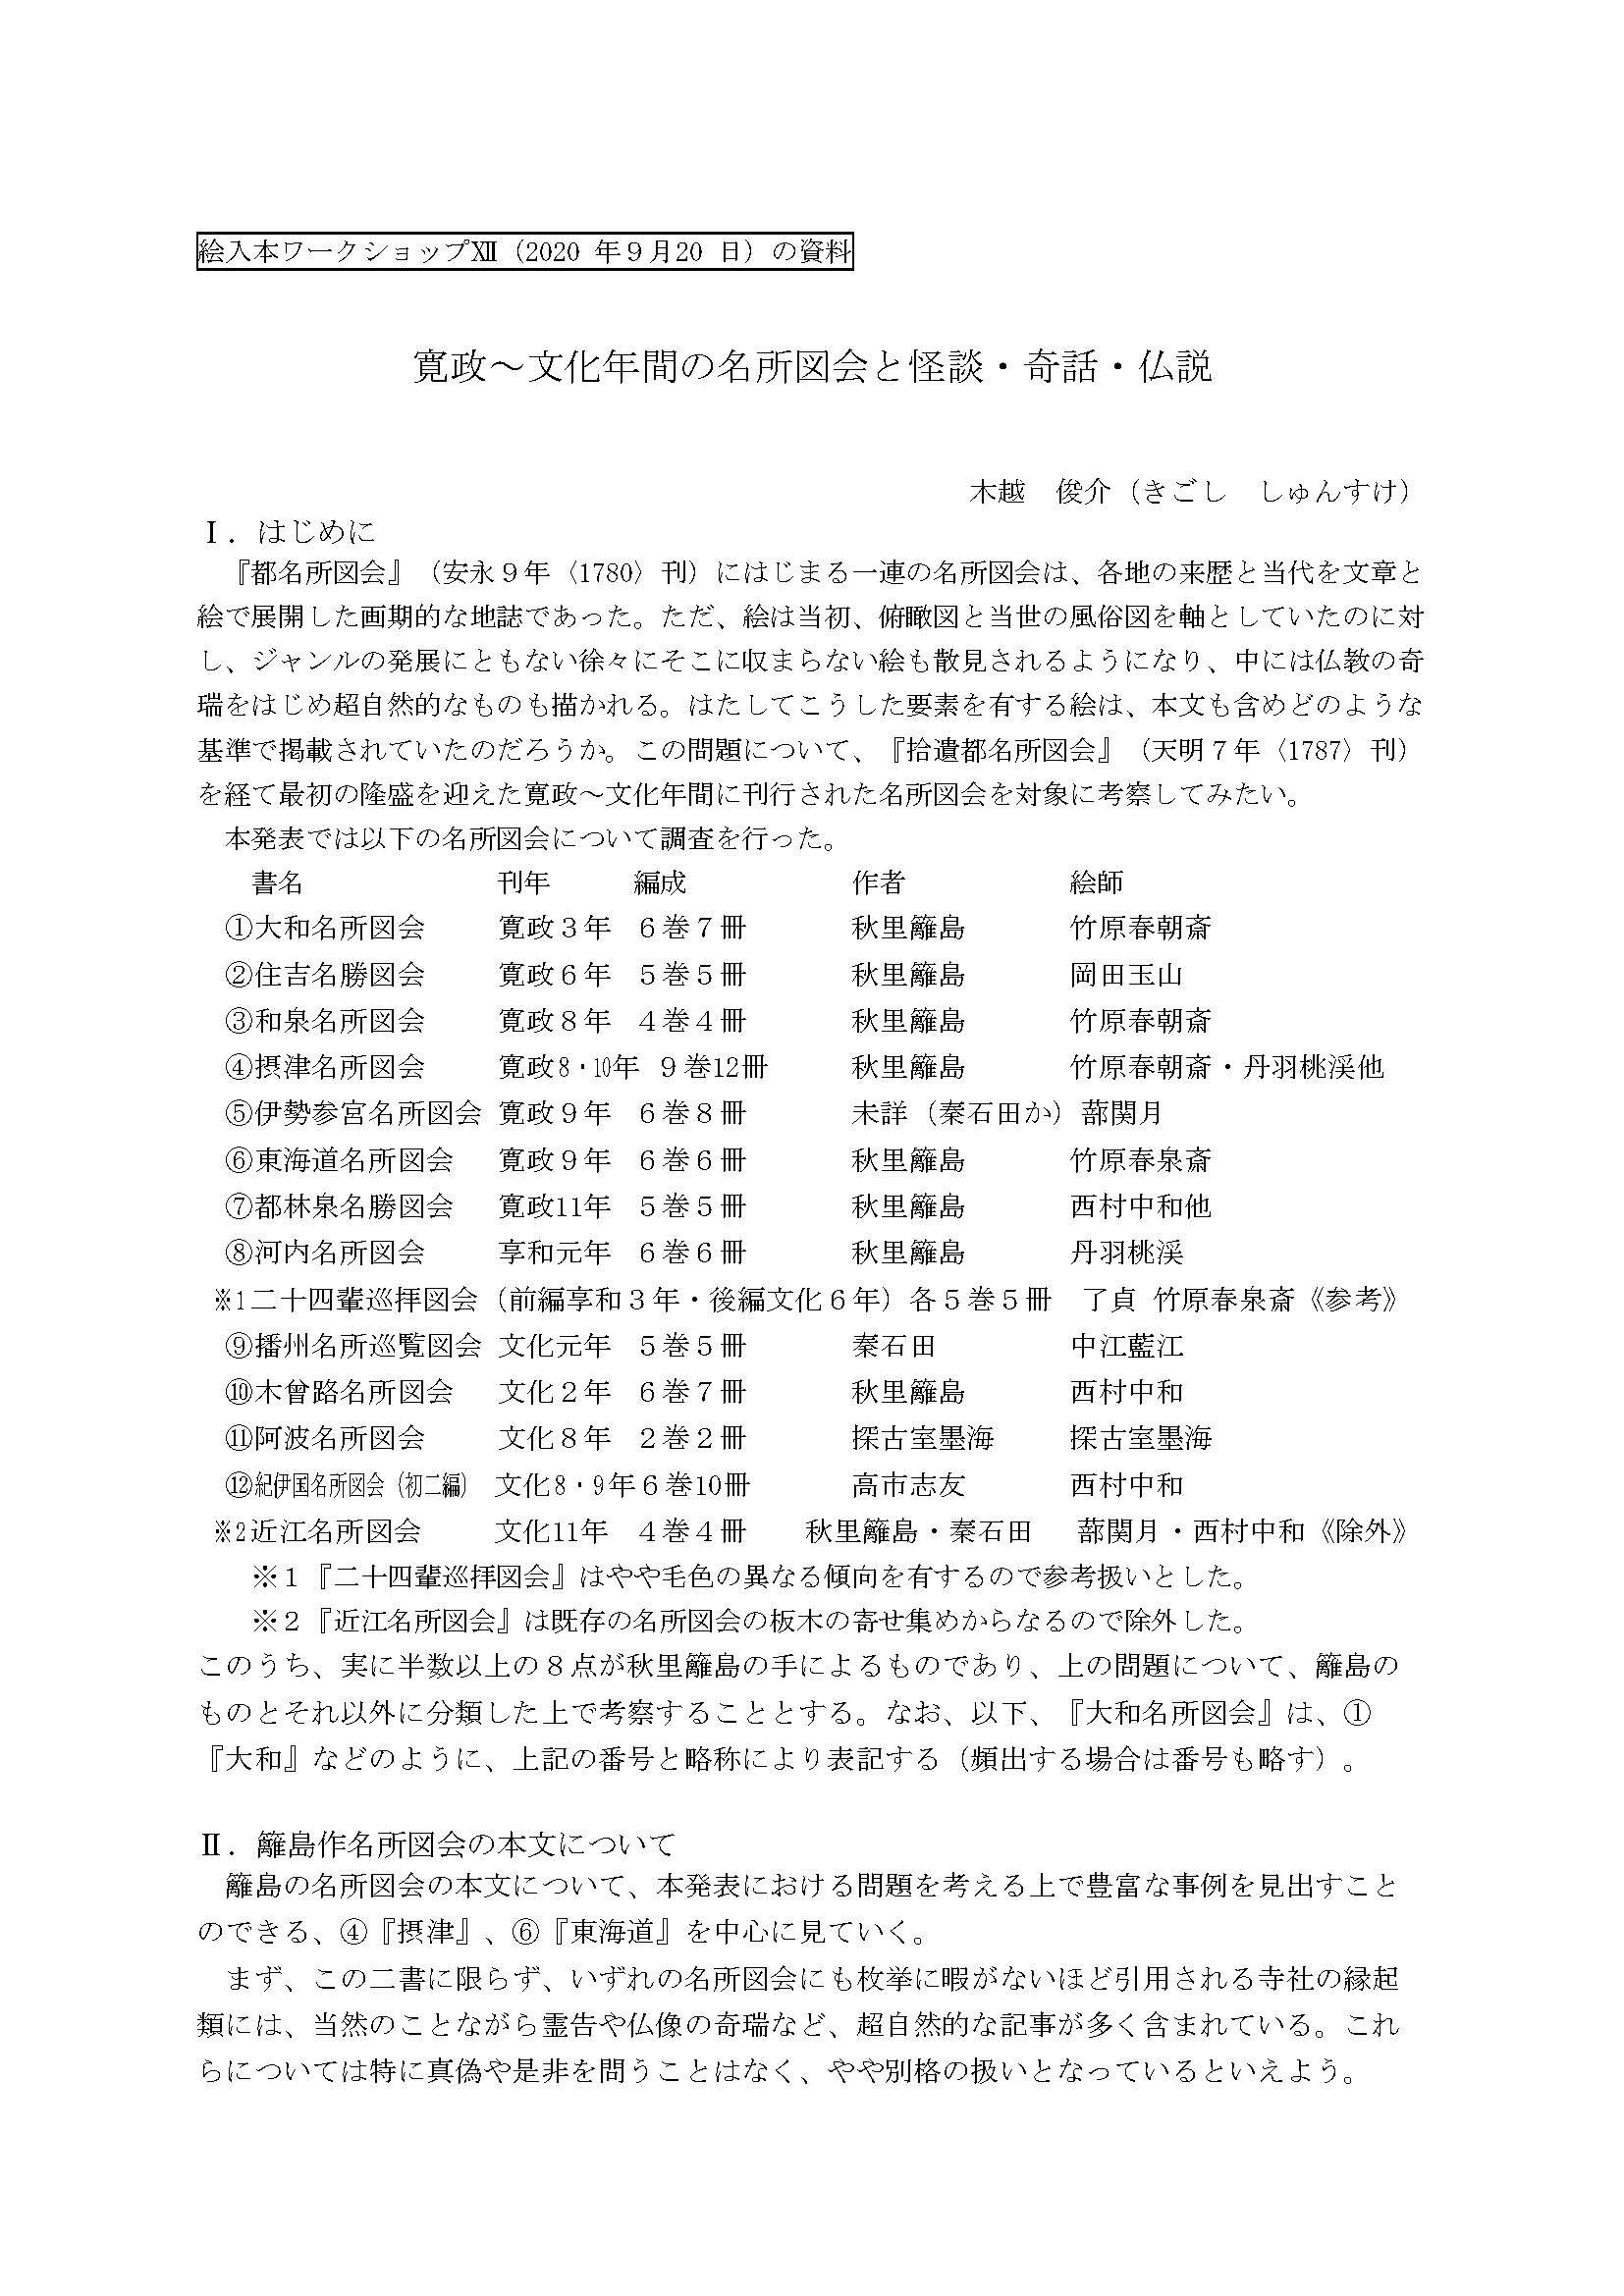 kigoshi1_seminar2020.jpg